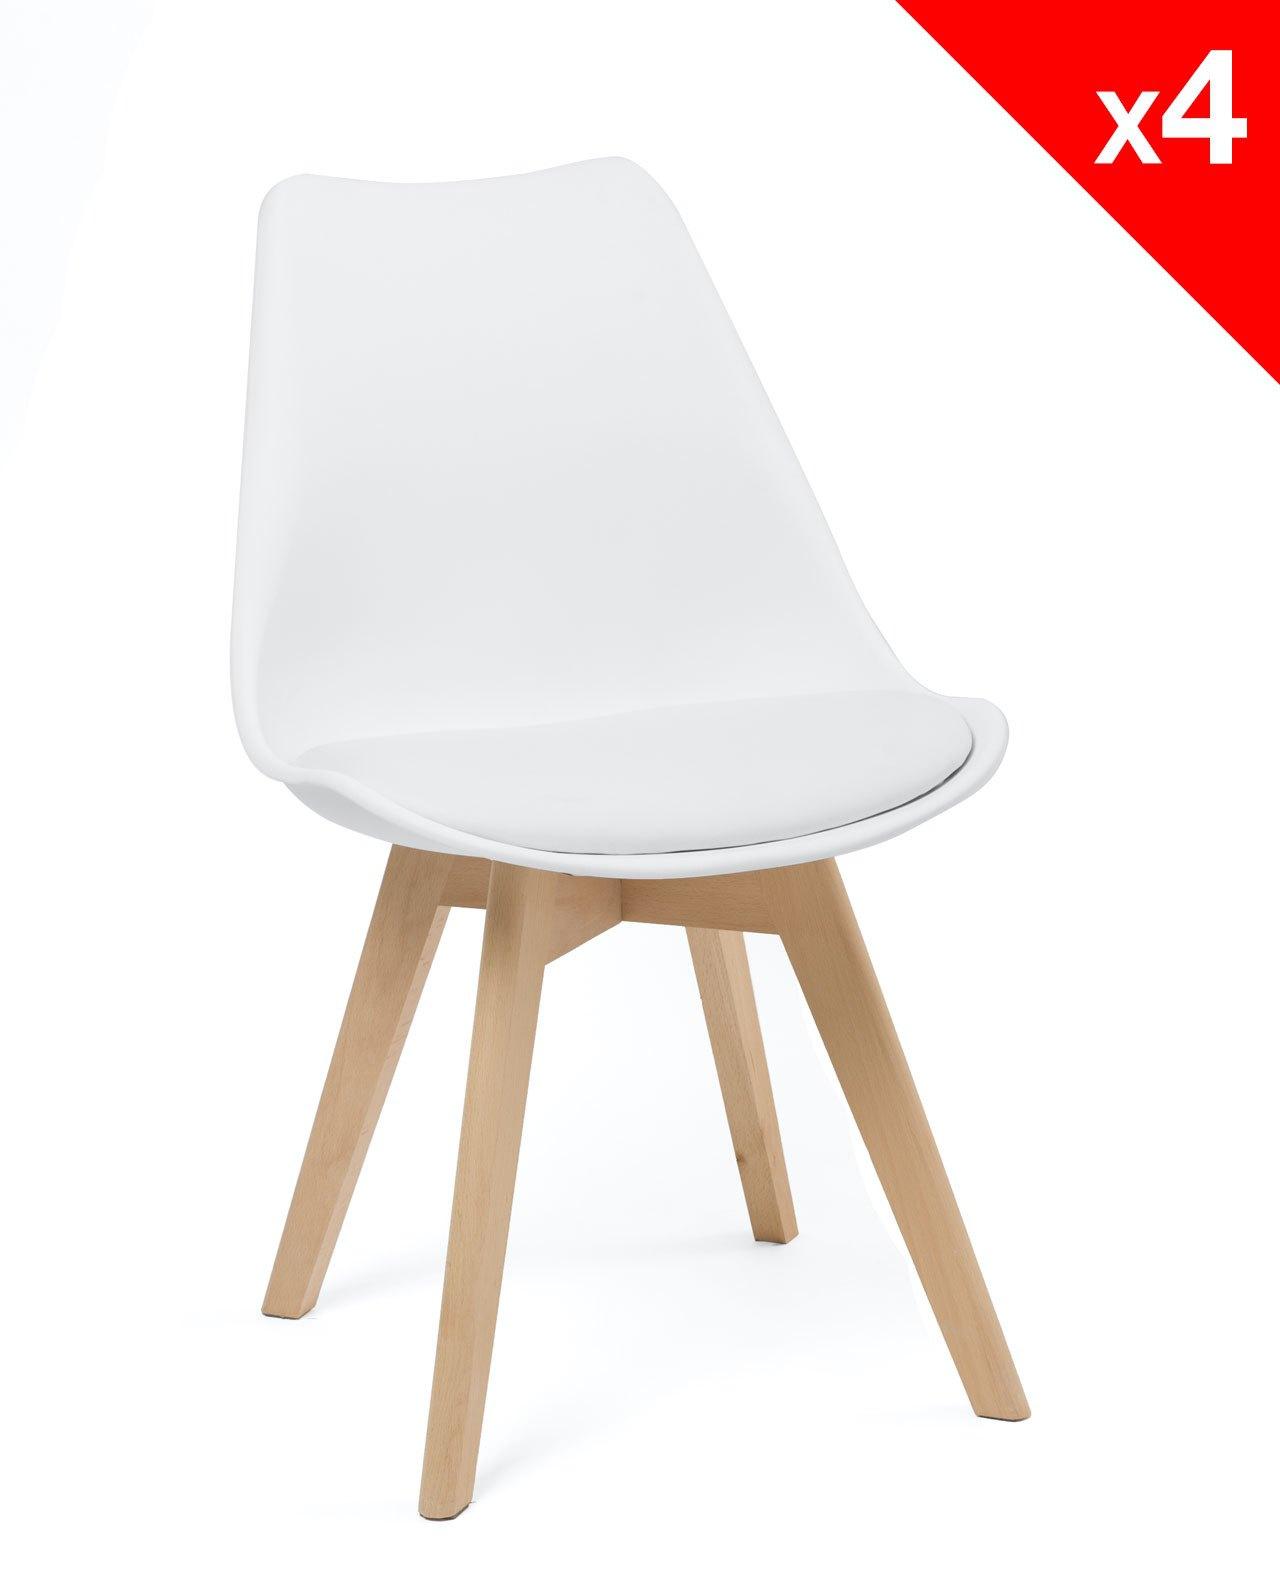 lao lot de 4 chaises scandinave rembourr es. Black Bedroom Furniture Sets. Home Design Ideas